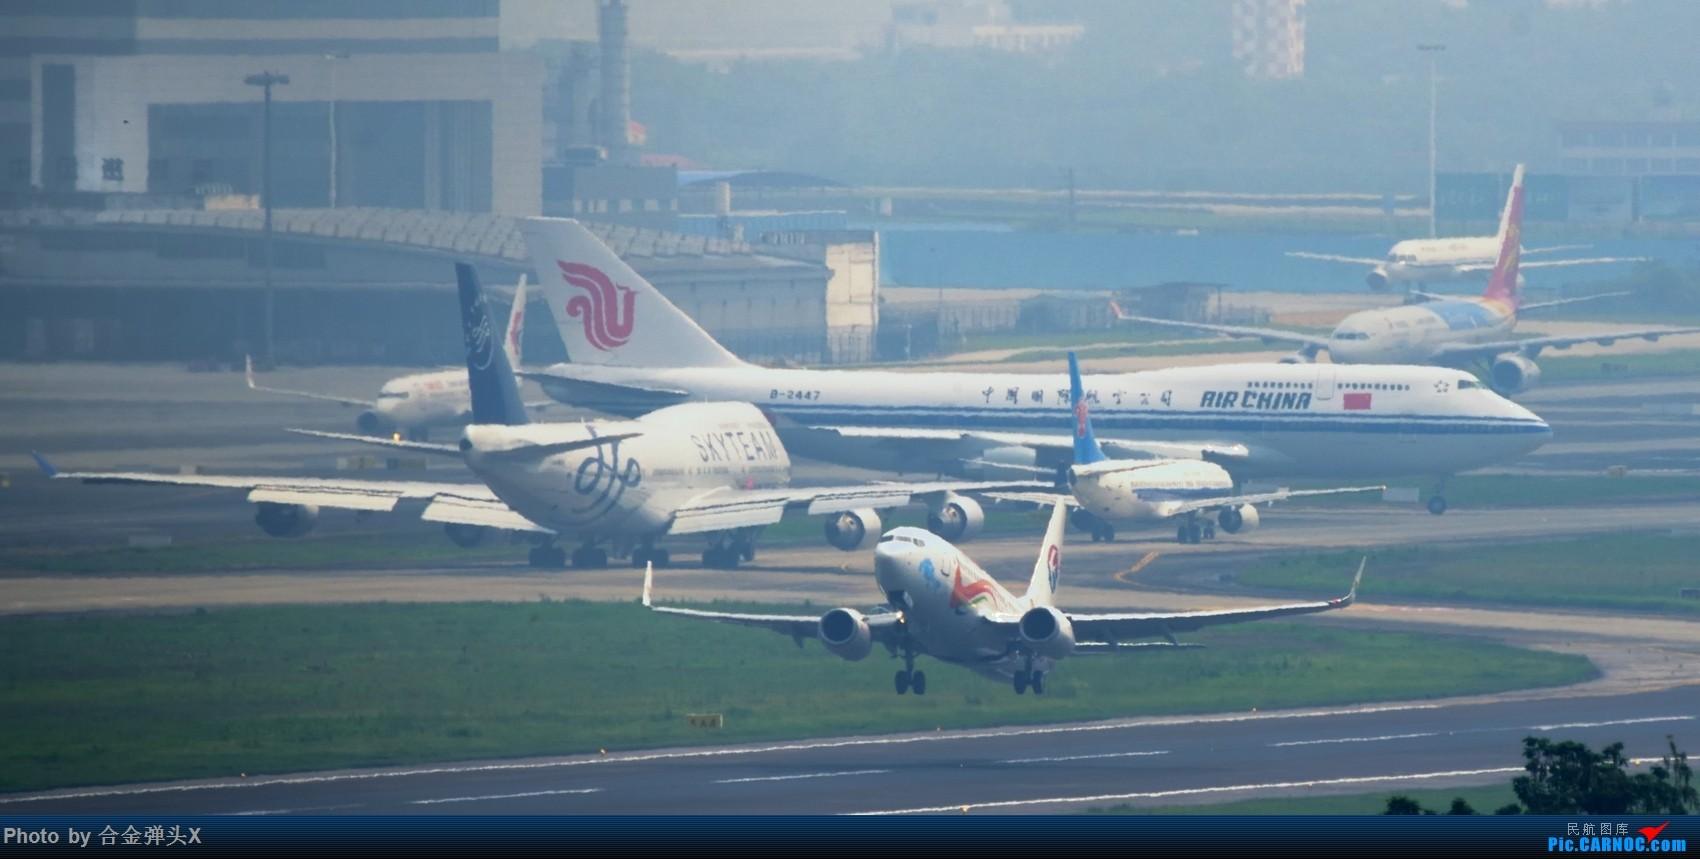 [原创]【CTU】一框内难得的相聚,再次诠释了烂天定律    中国成都双流国际机场